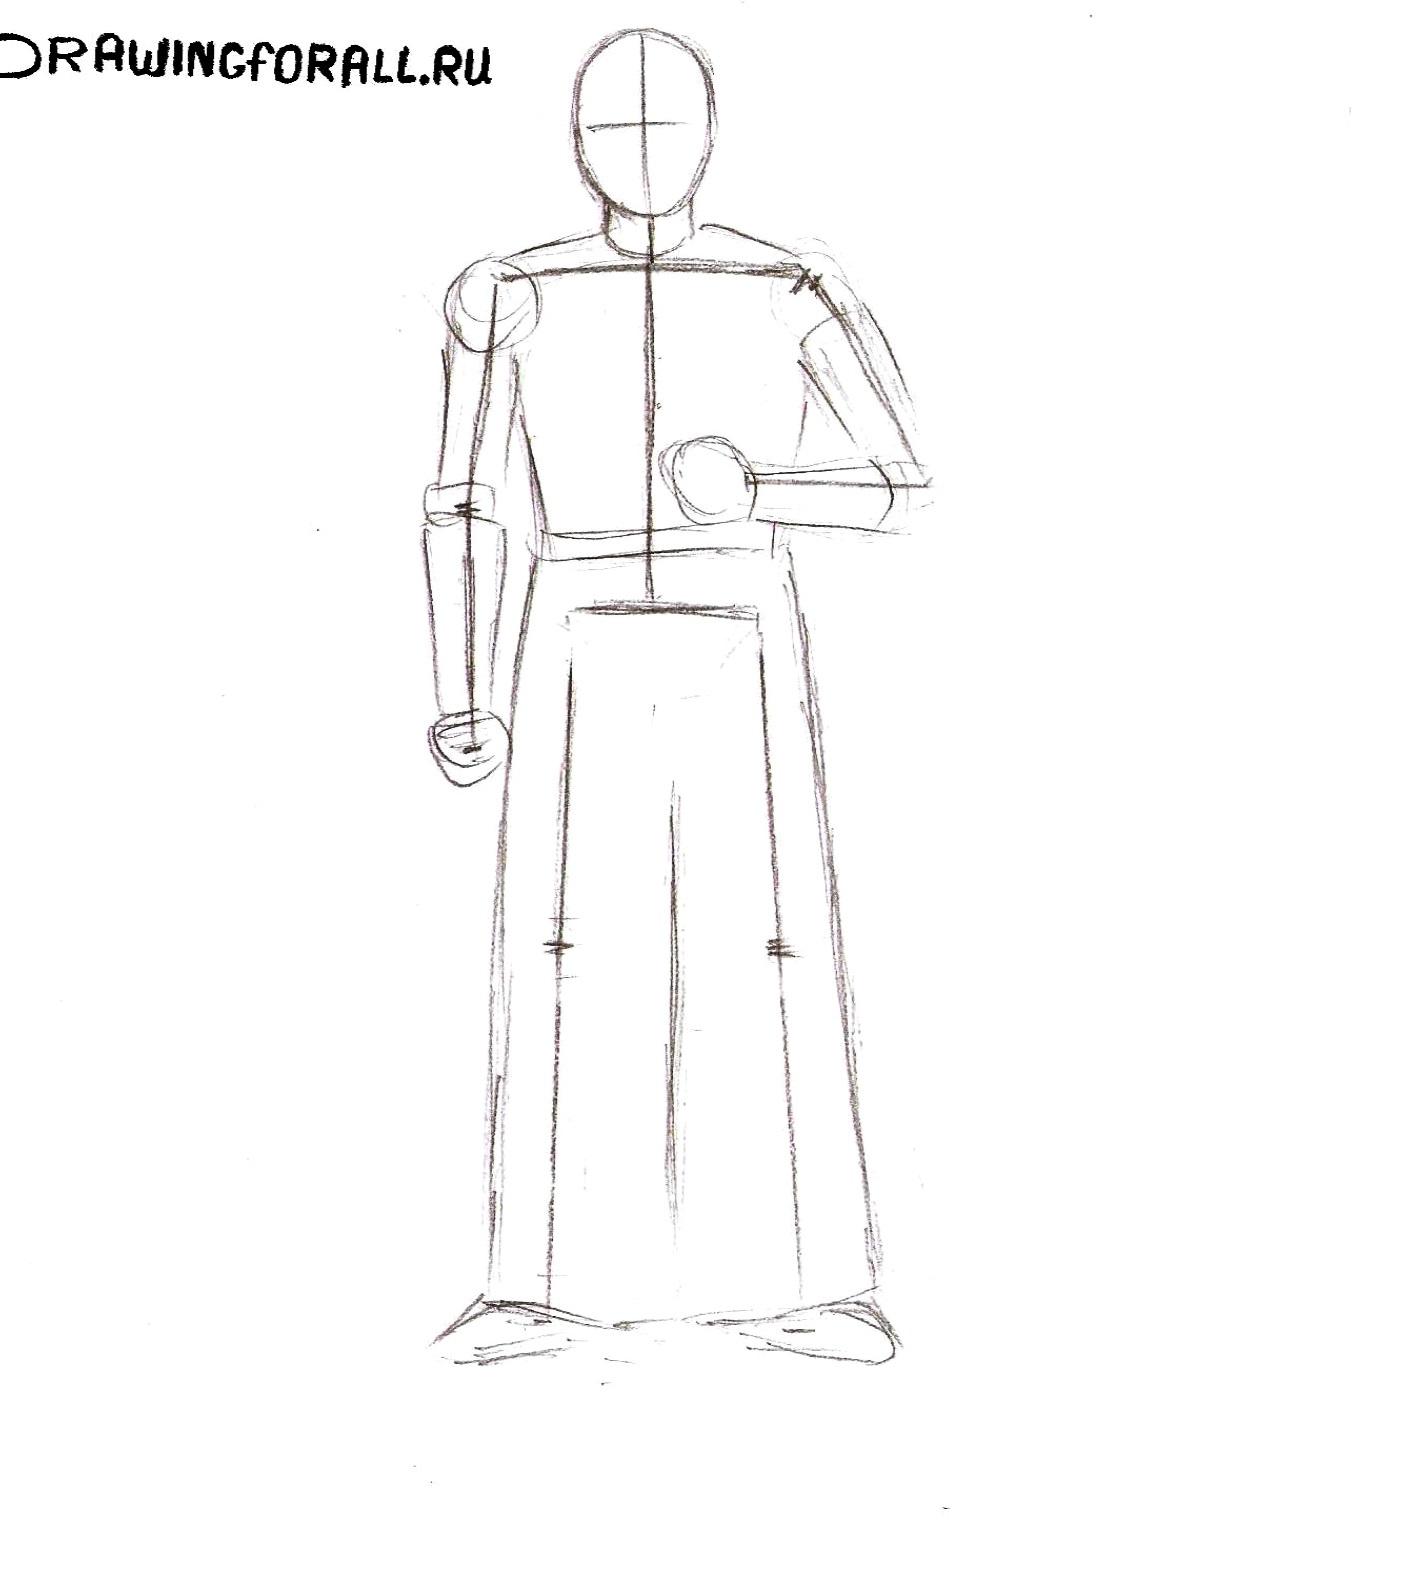 как нарисовать самурая карандашом